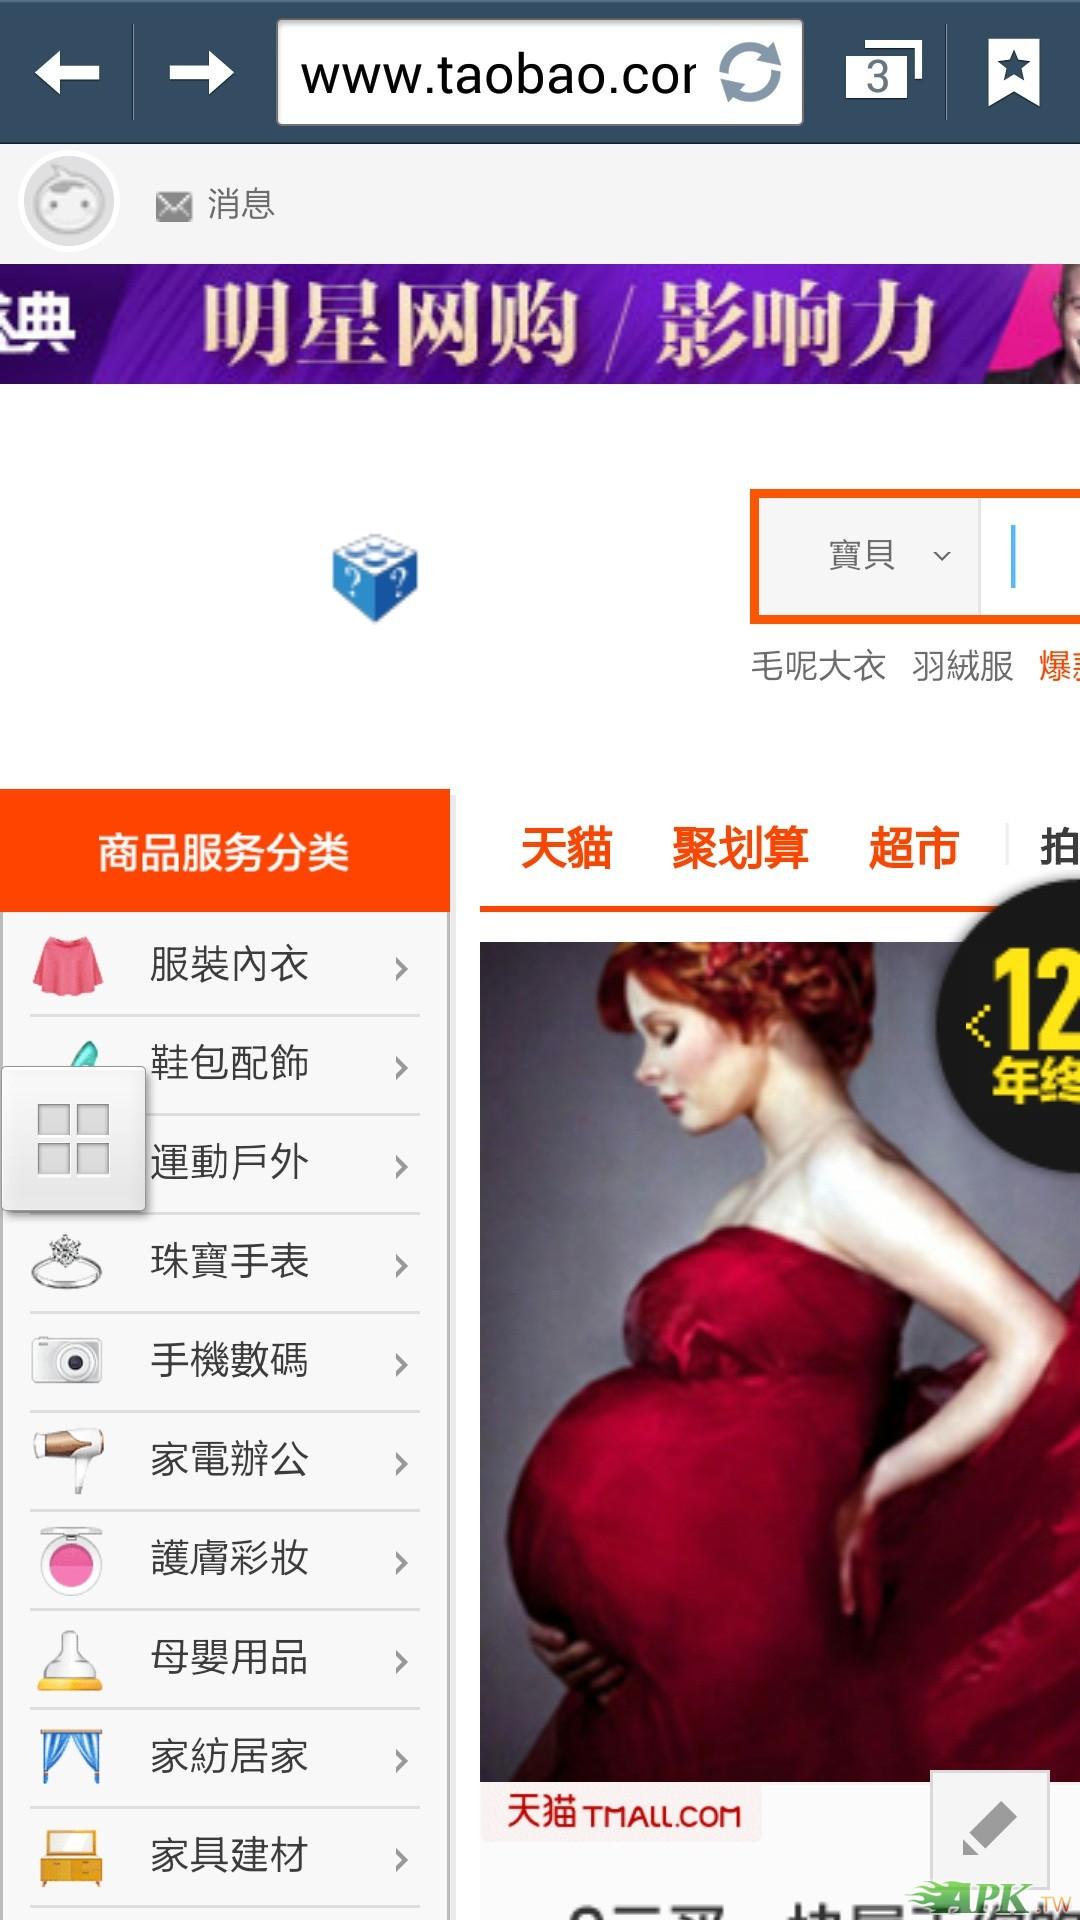 Screenshot_2013-12-03-07-38-03.jpg